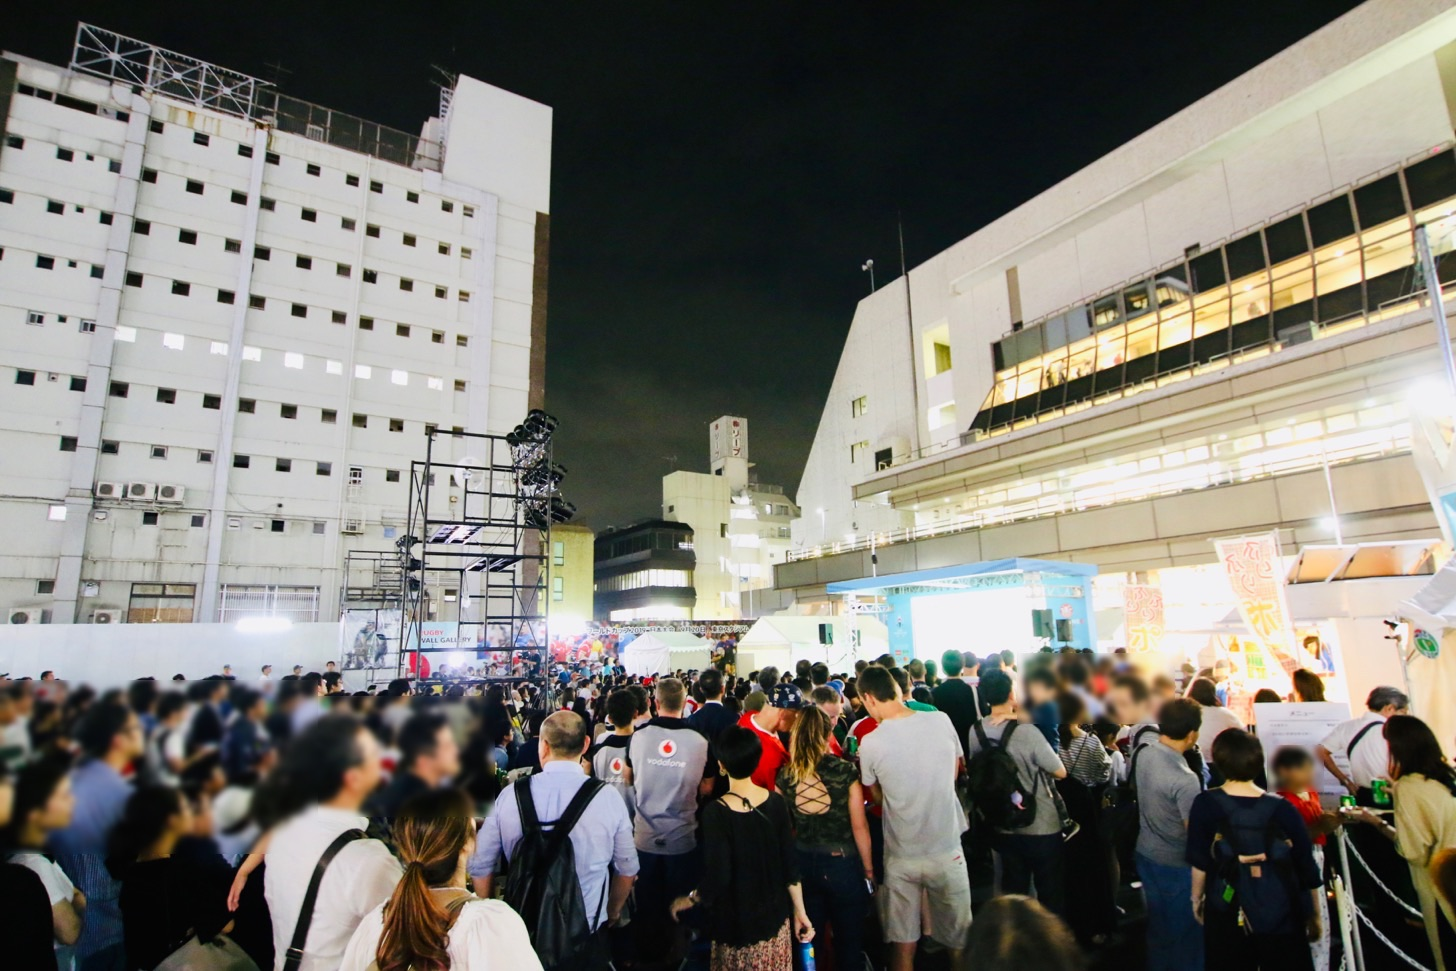 【ラグビーワールドカップ2019パブリックビューイング】調布駅前広場「ファンゾーン in 東京」屋外ステージ